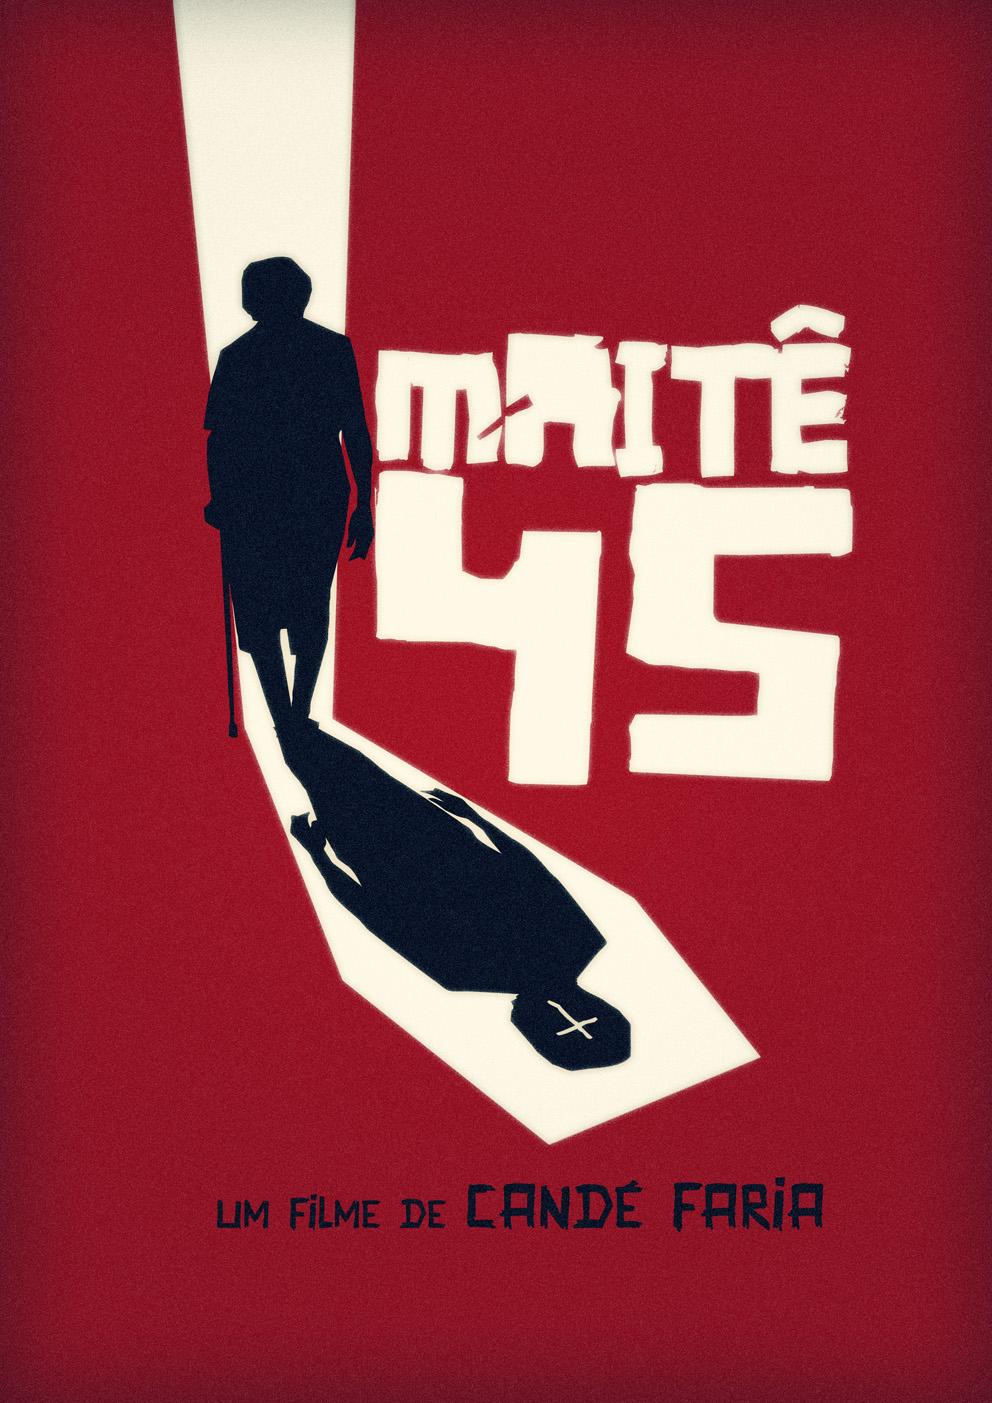 Maite 45 by FernandoLucas